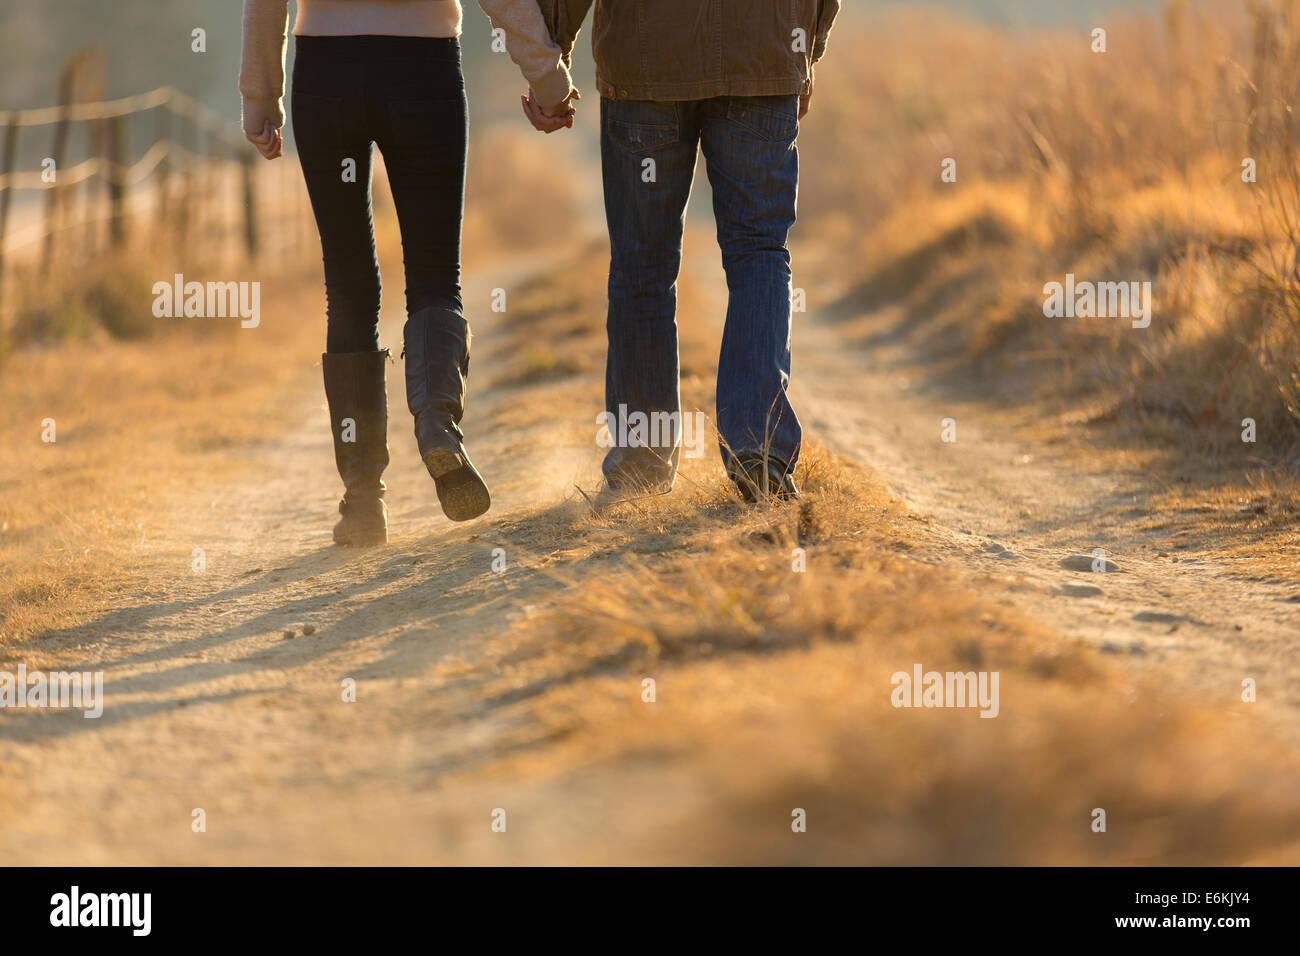 Pareja joven manos caminar en otoño de camino rural en la mañana Foto de stock